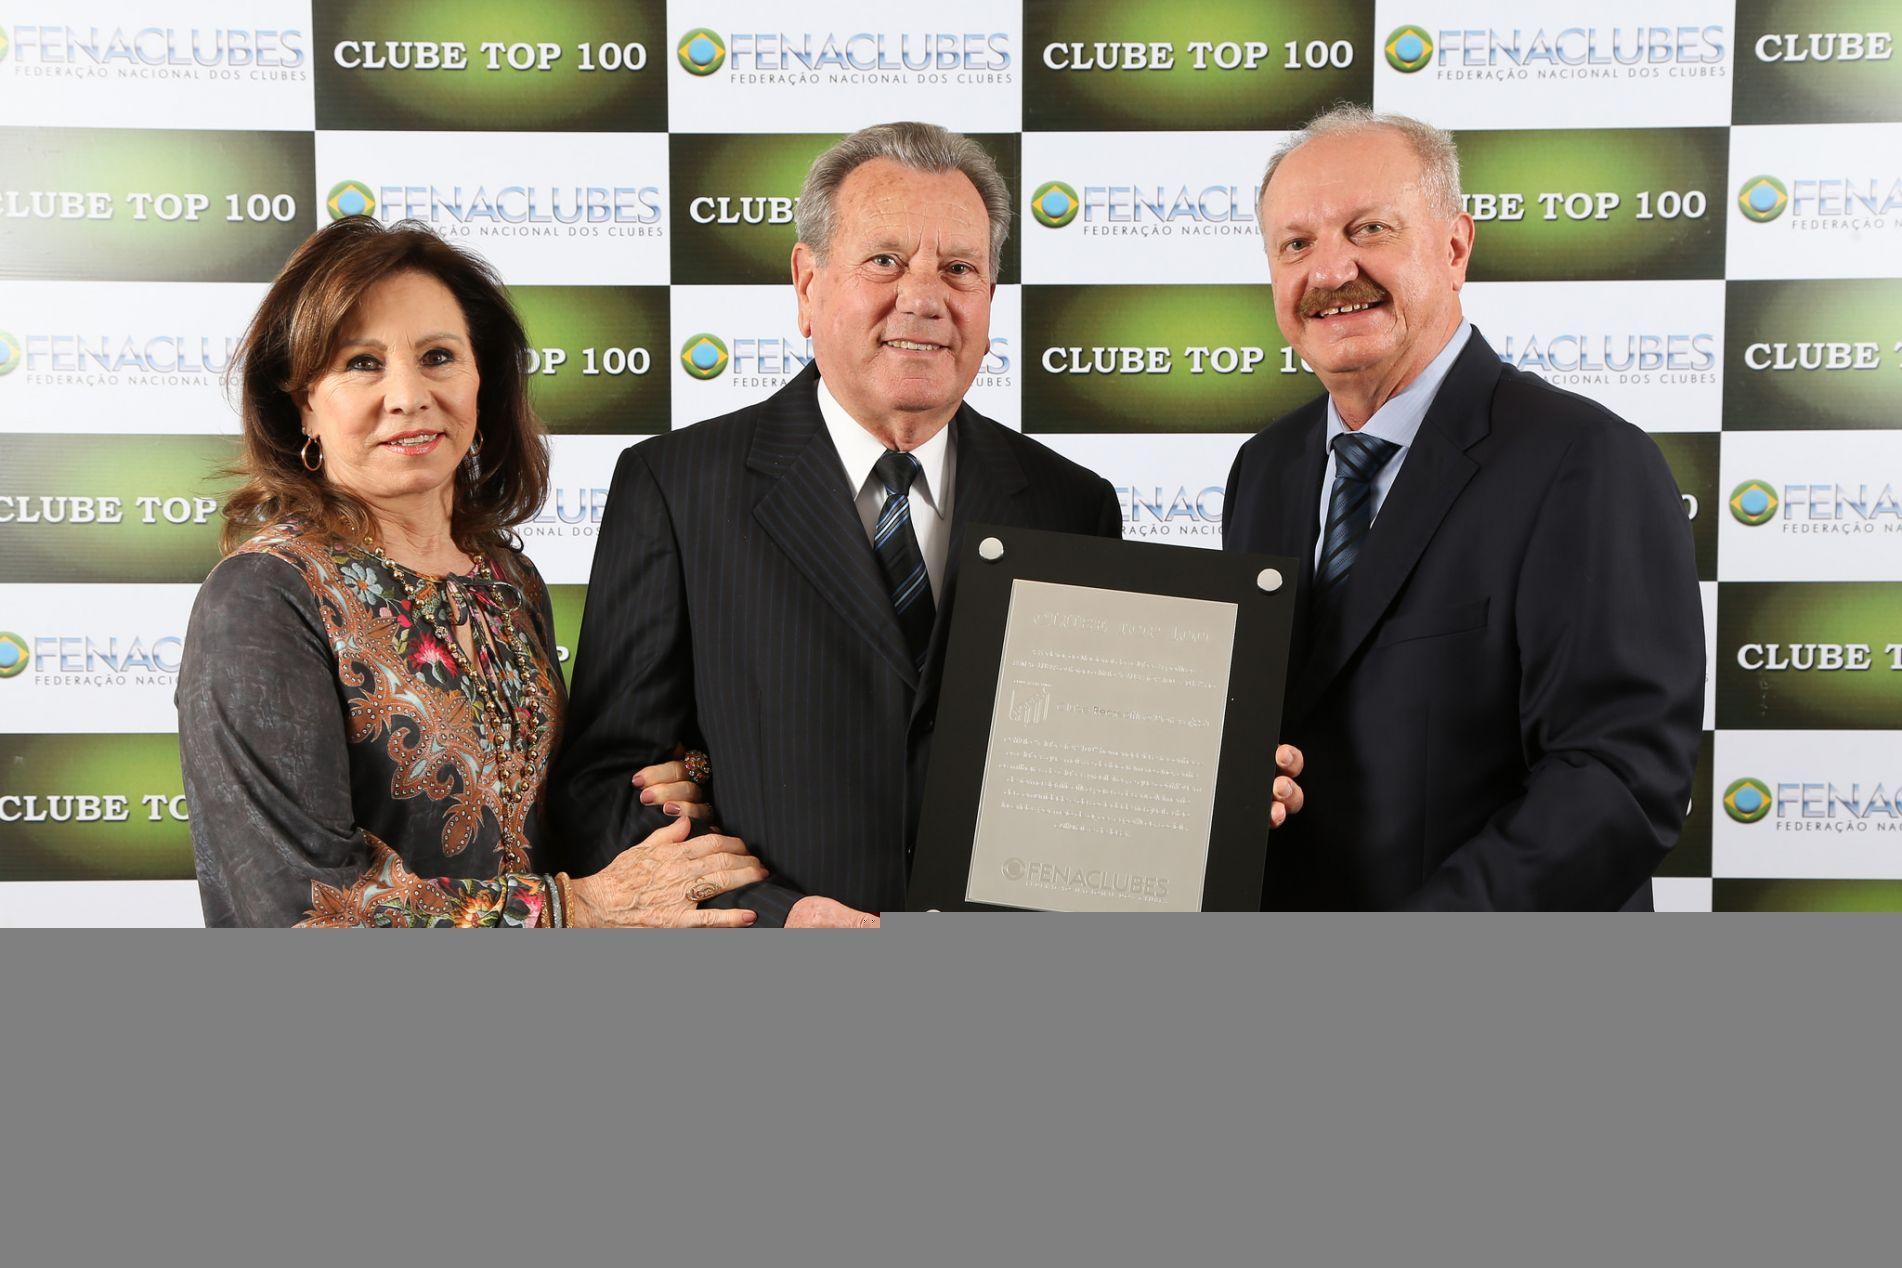 Os dorenses recebem a placa do Top 100 Clubes, do presidente da Fenaclubes, Arialdo Boscolo.